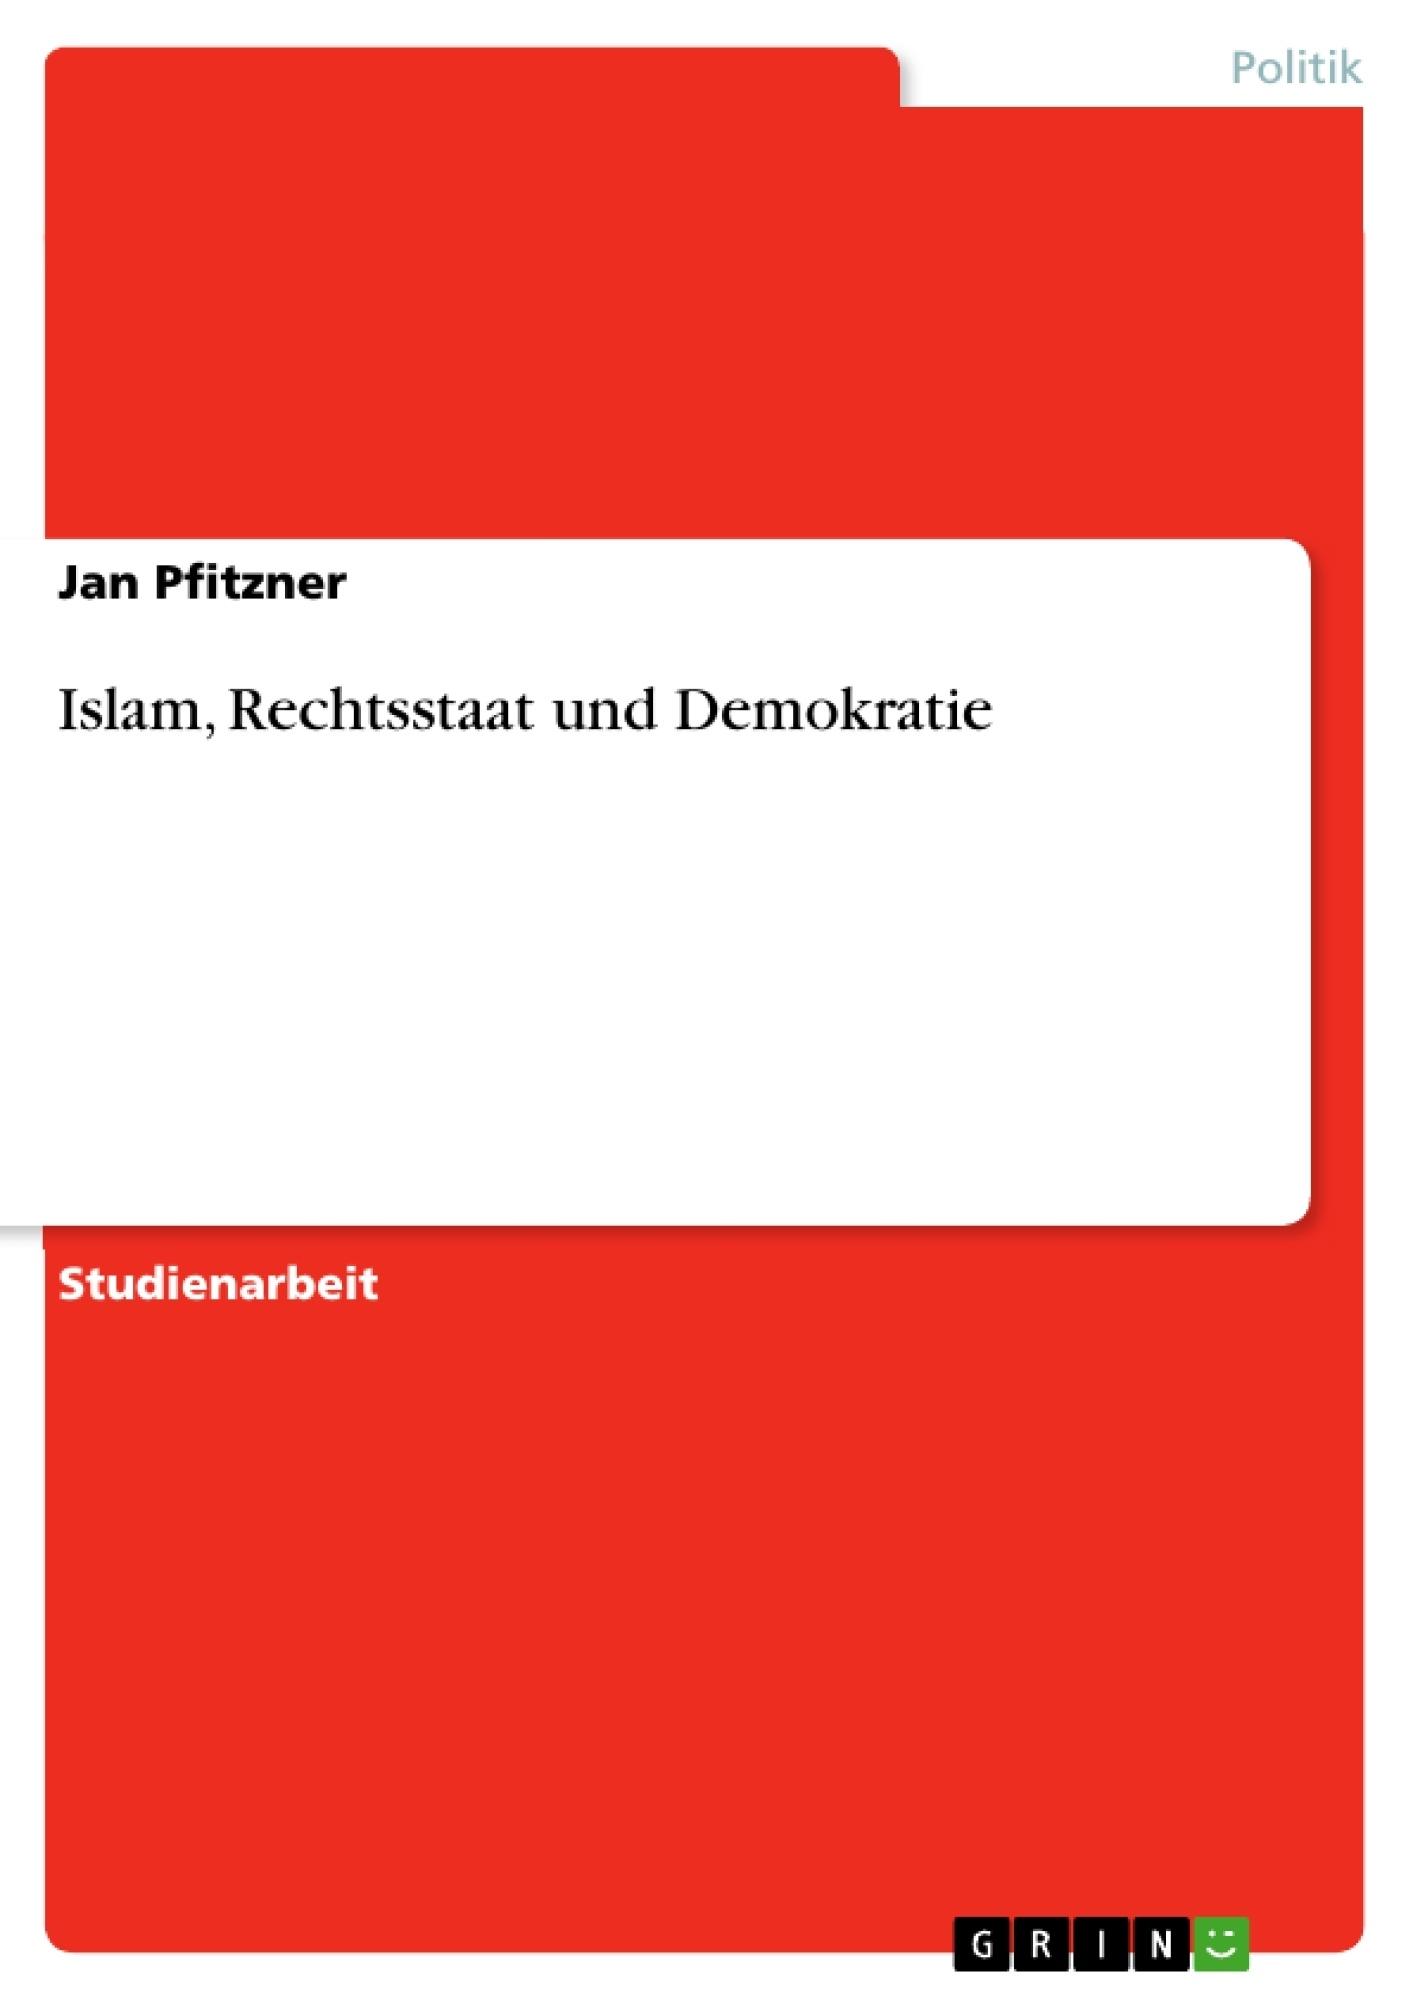 Titel: Islam, Rechtsstaat und Demokratie